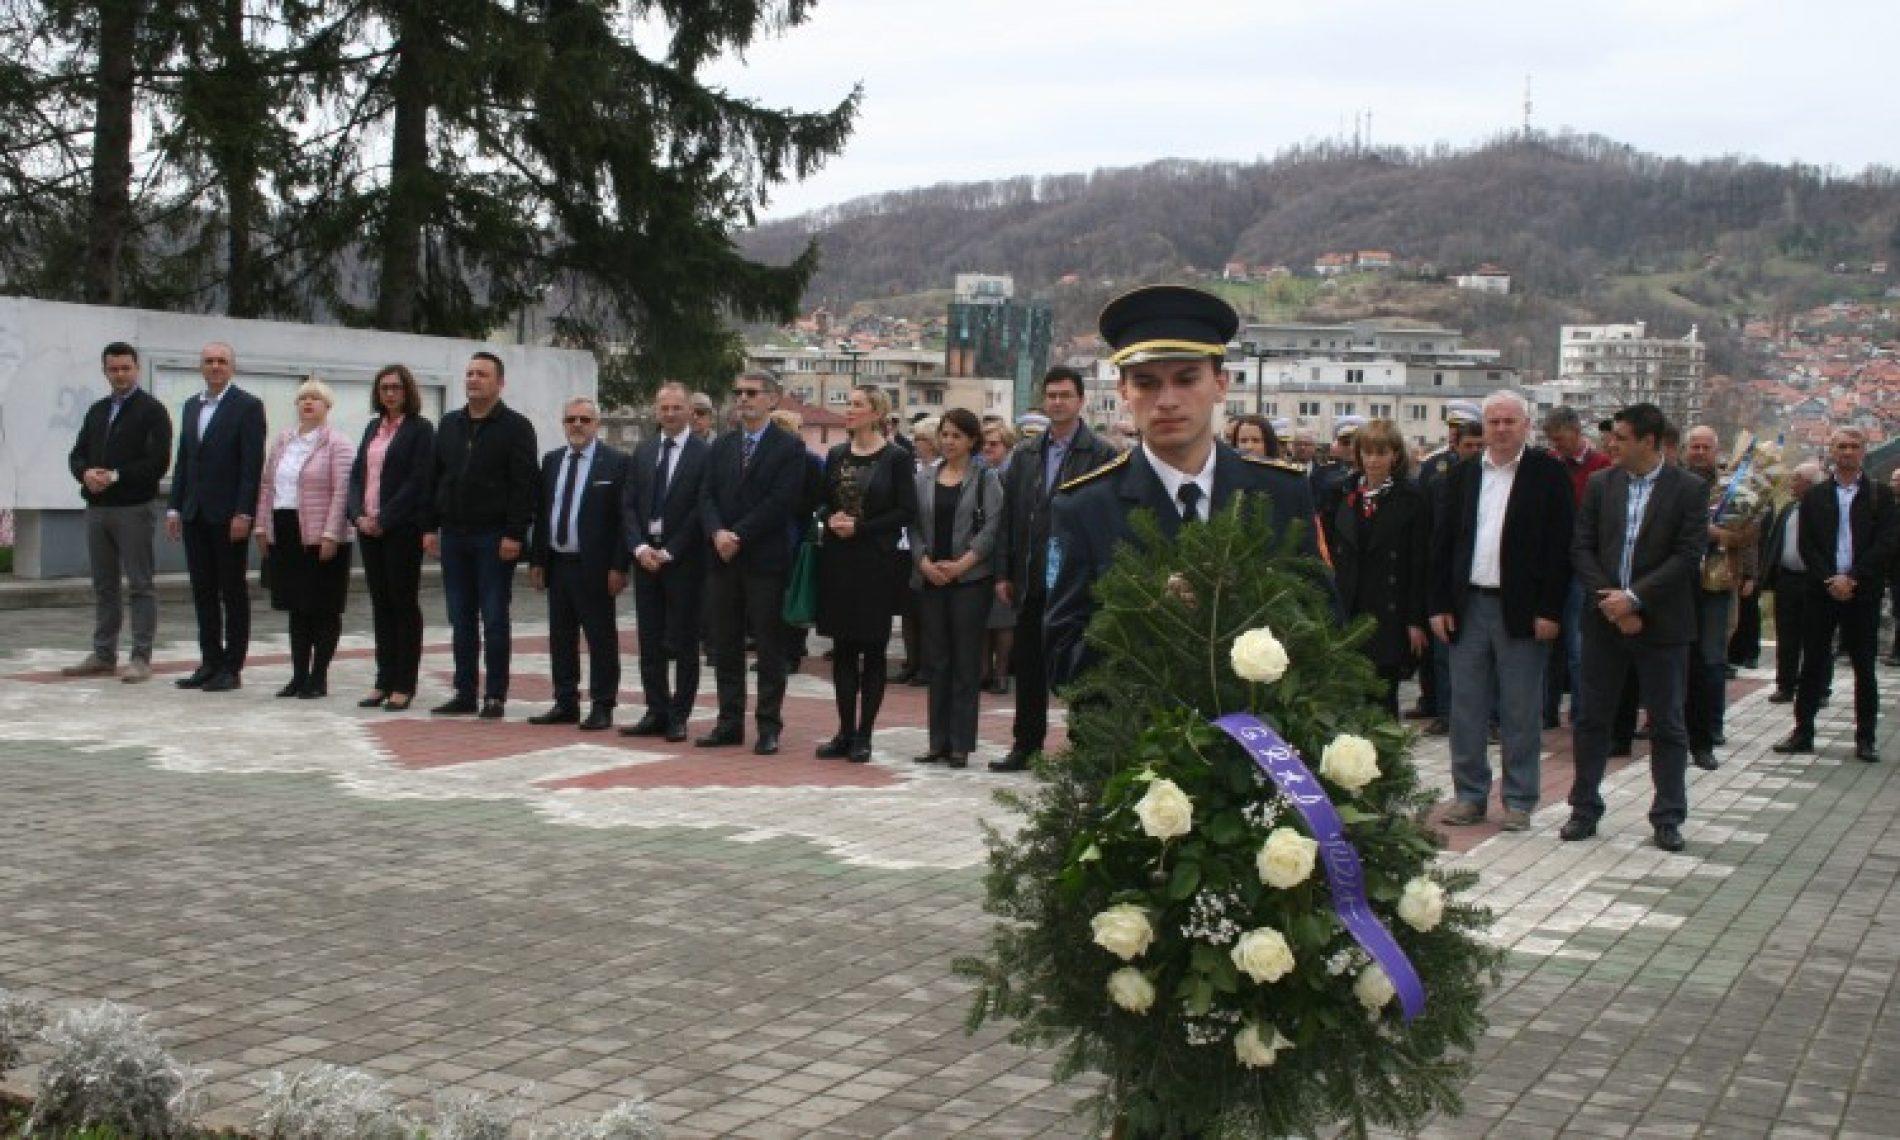 Tuzlaci se prisjećaju 4. aprila 1992., početka pružanja otpora agresiji na Bosnu i Hercegovinu